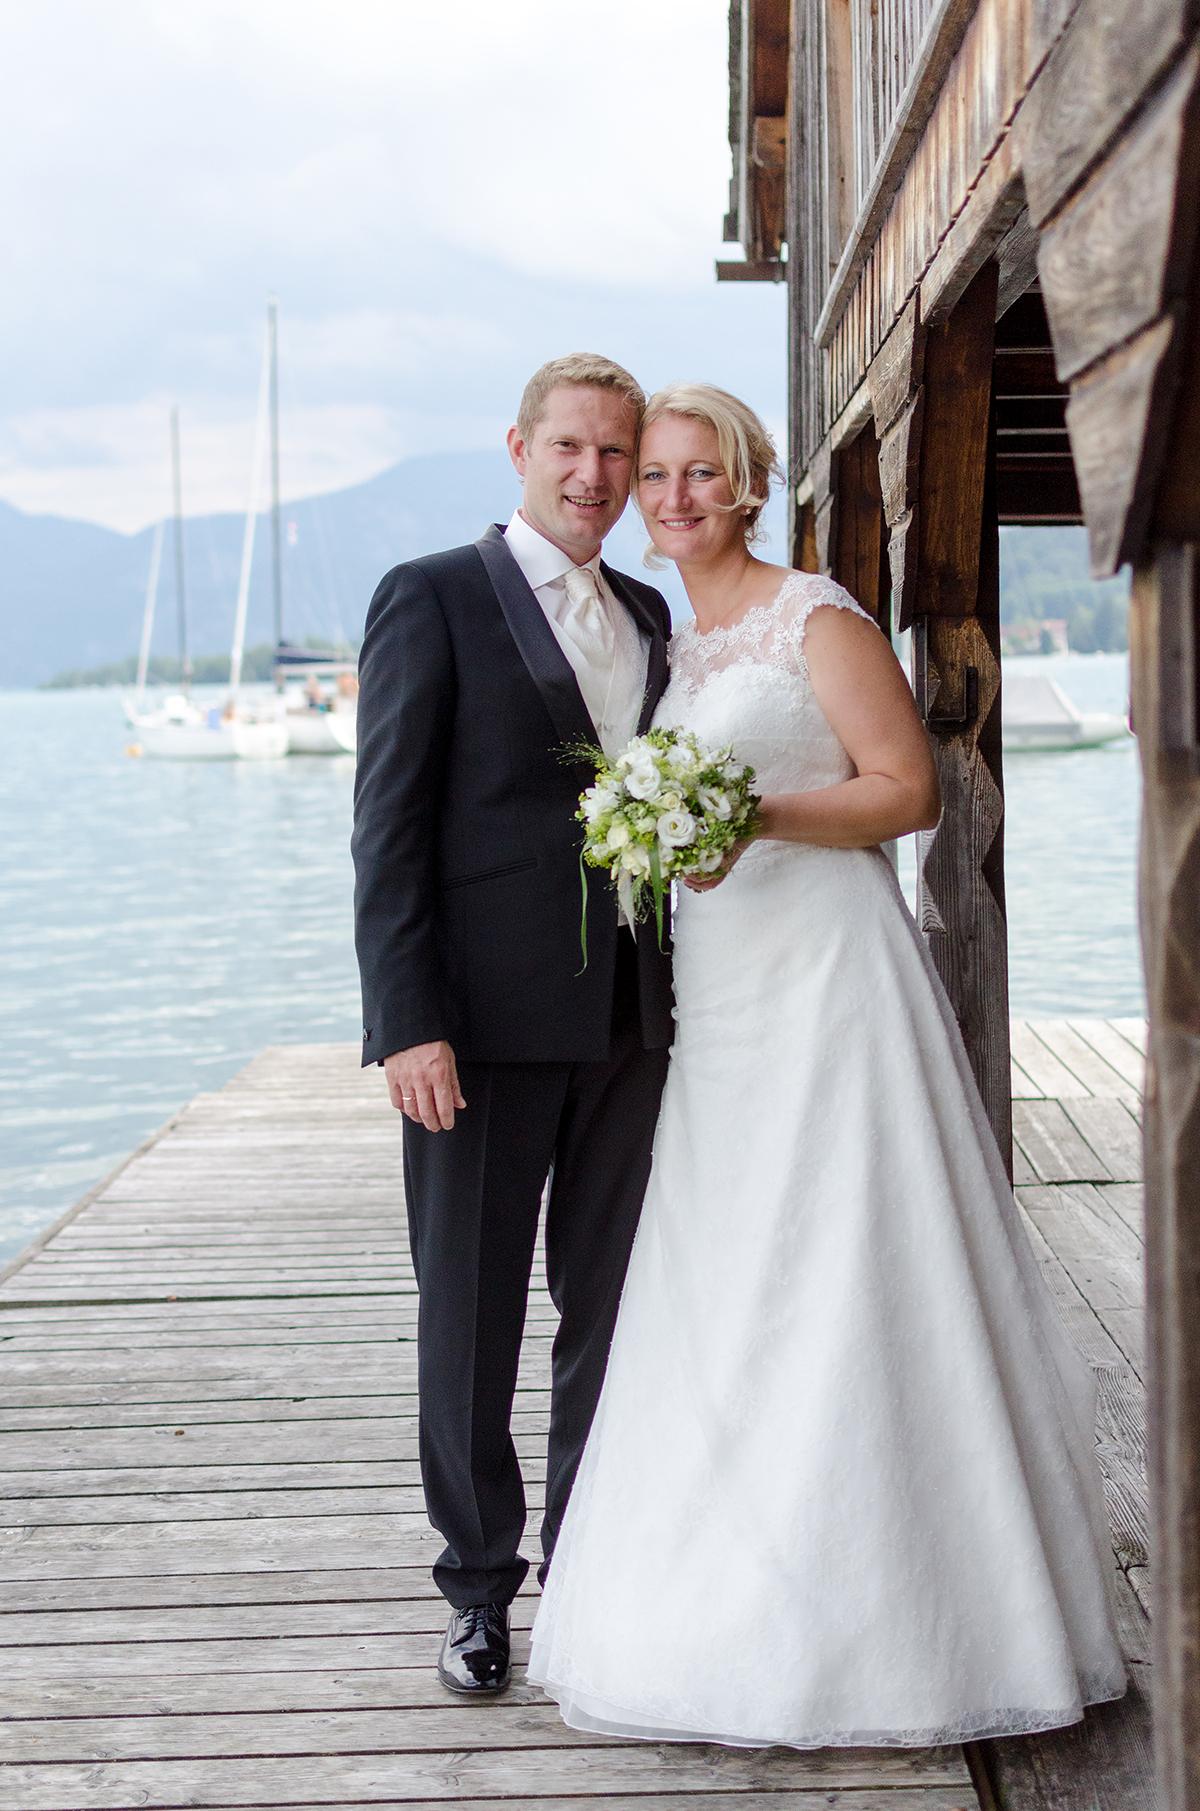 Christine&Gerhard_Hochzeit_Portrait_124_StephanSchreinerPhotography Kopie